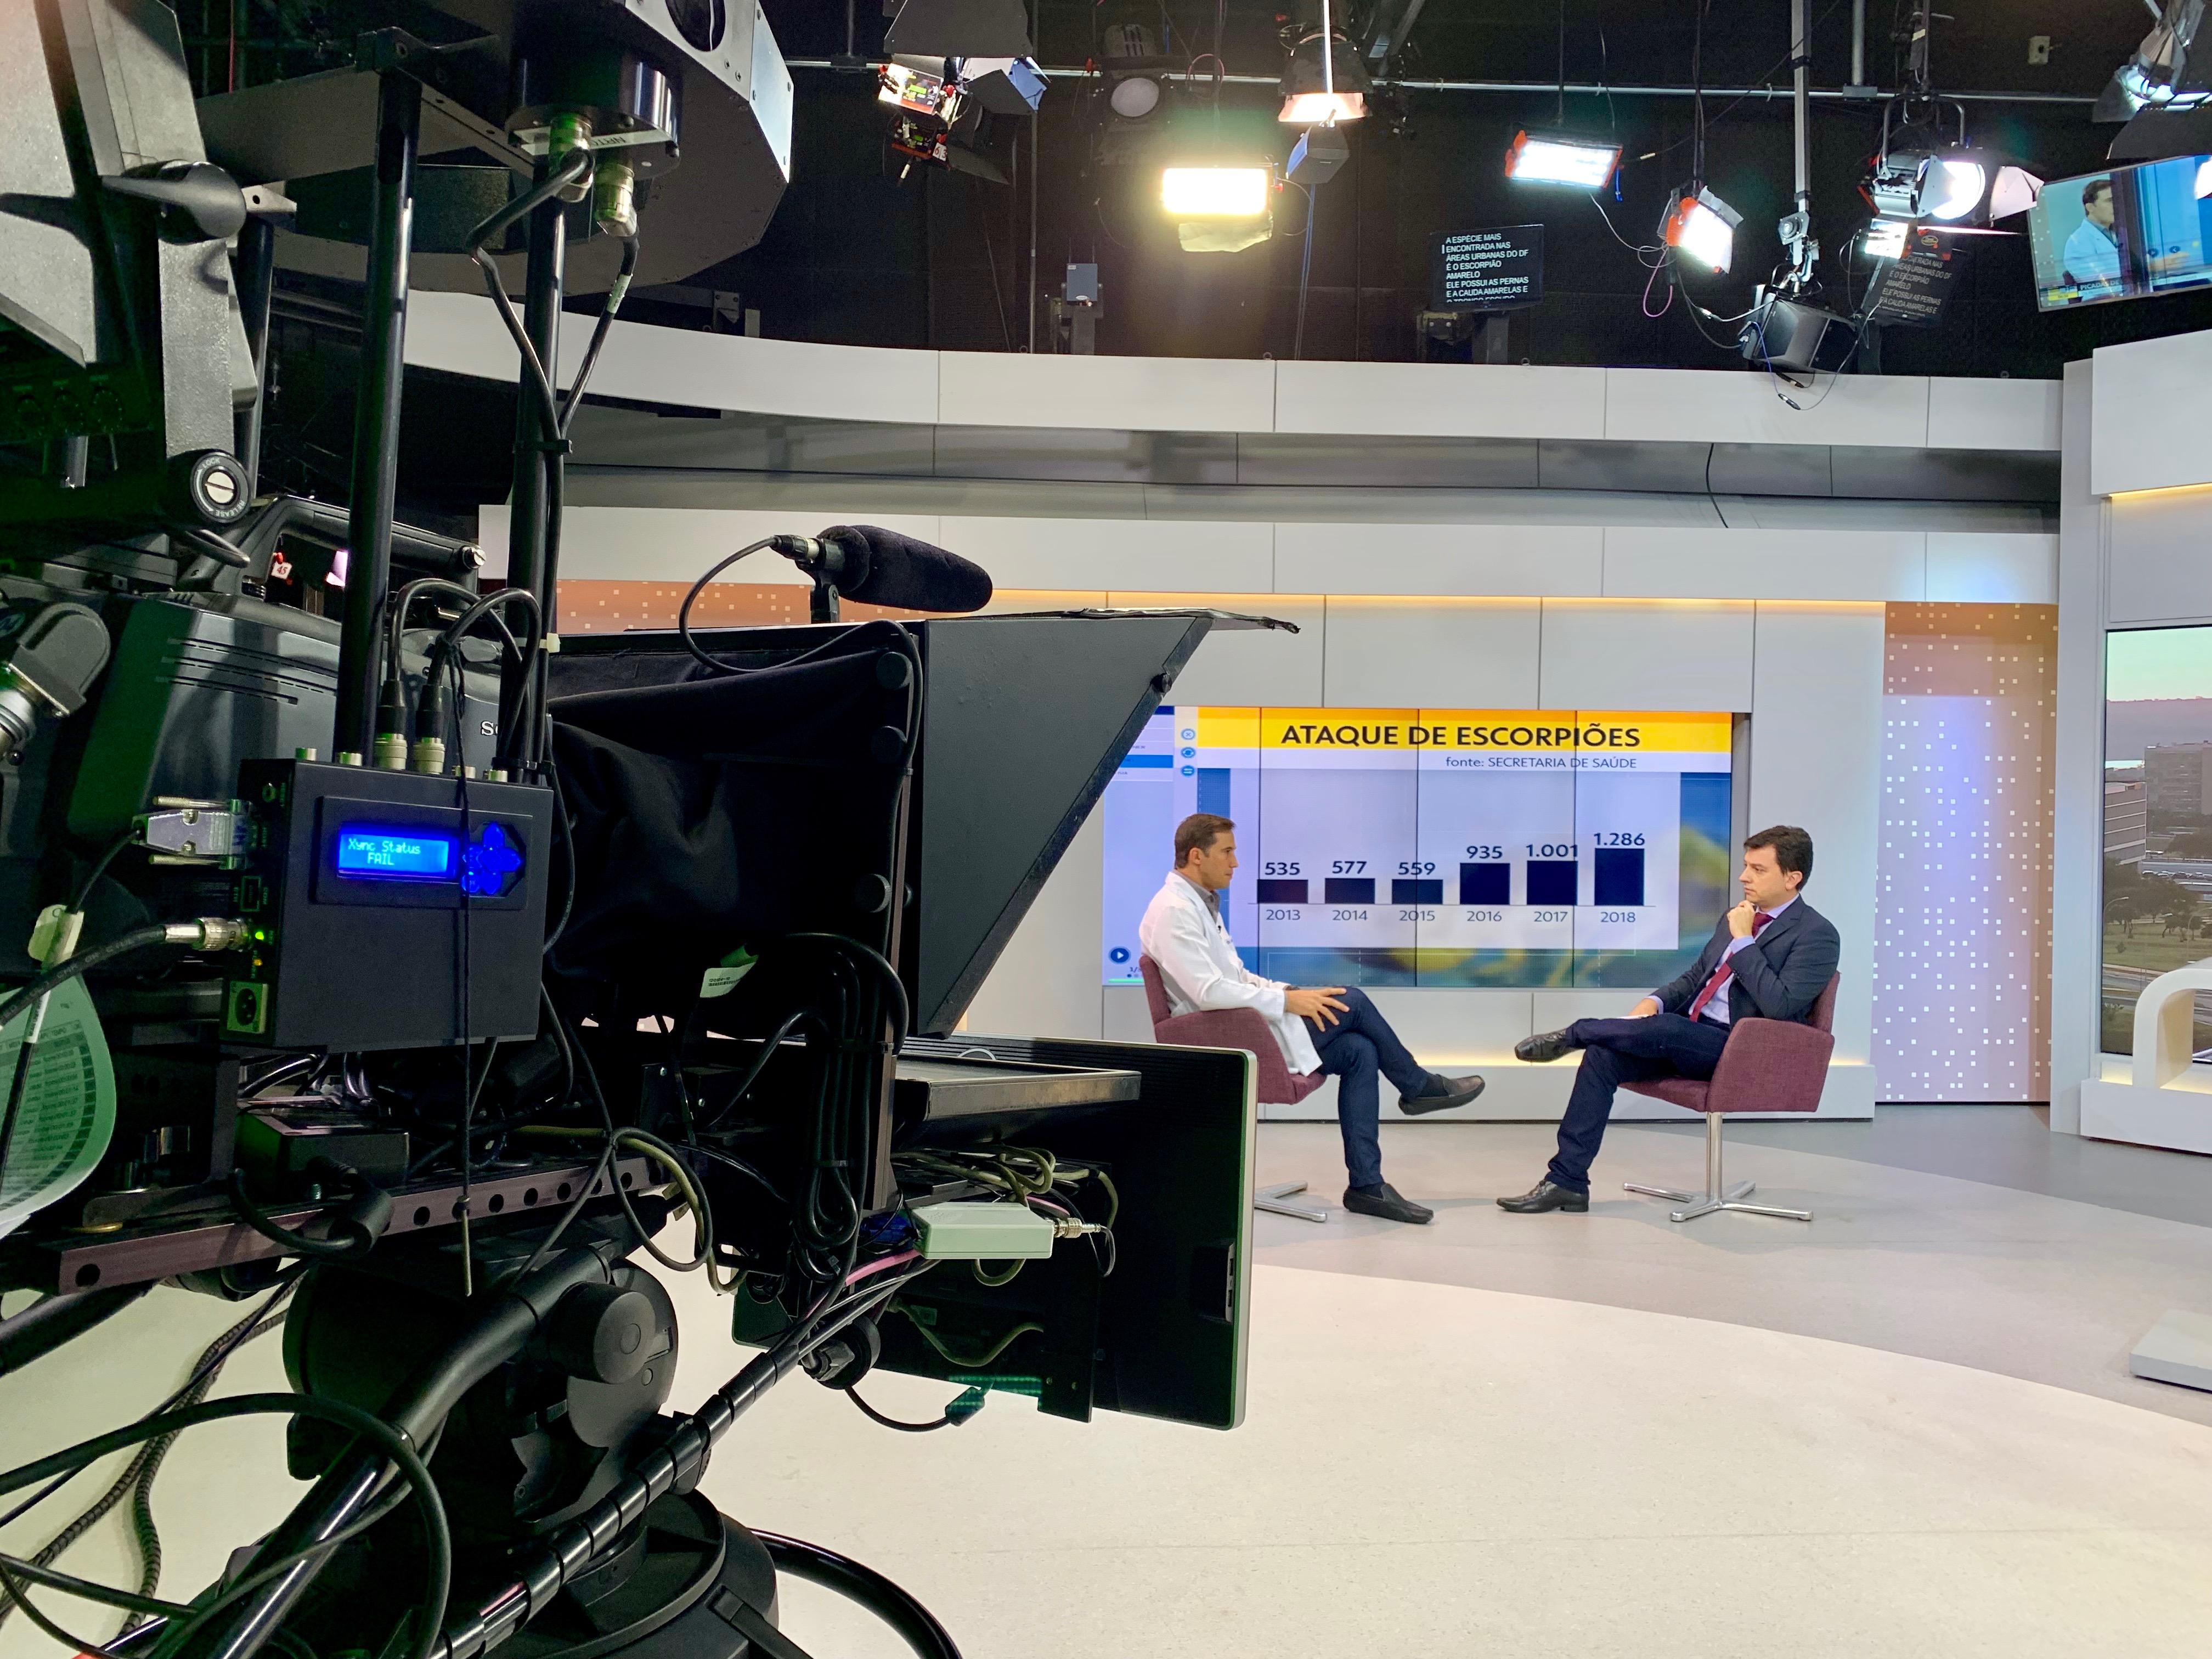 TV Globo - Dr. Luciano Lourenço HSLS - 23-01-2019 - Bom Dia DF [2]